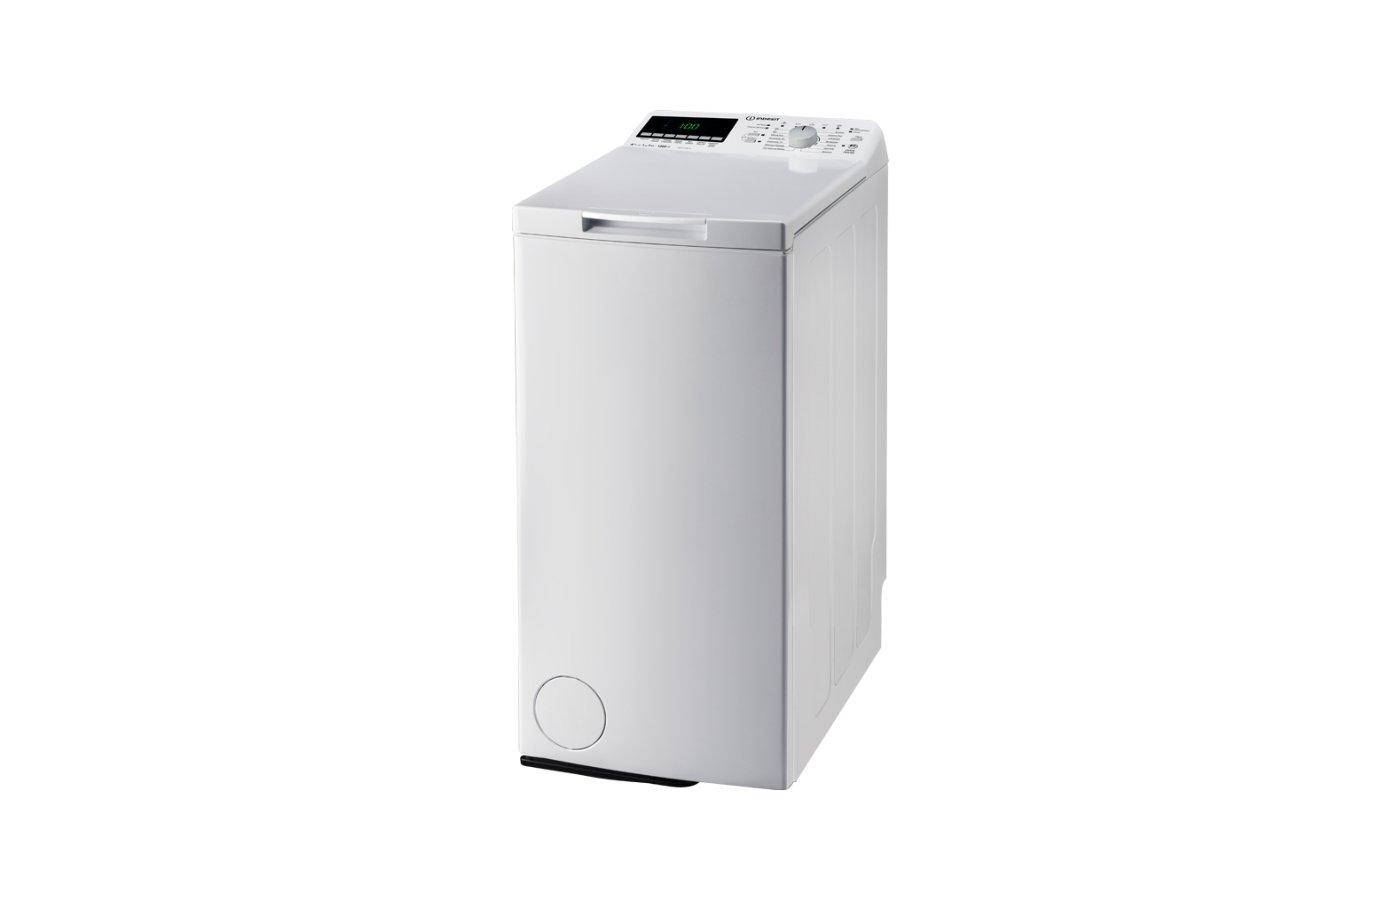 Стиральная машина INDESIT ITWE 61052 G